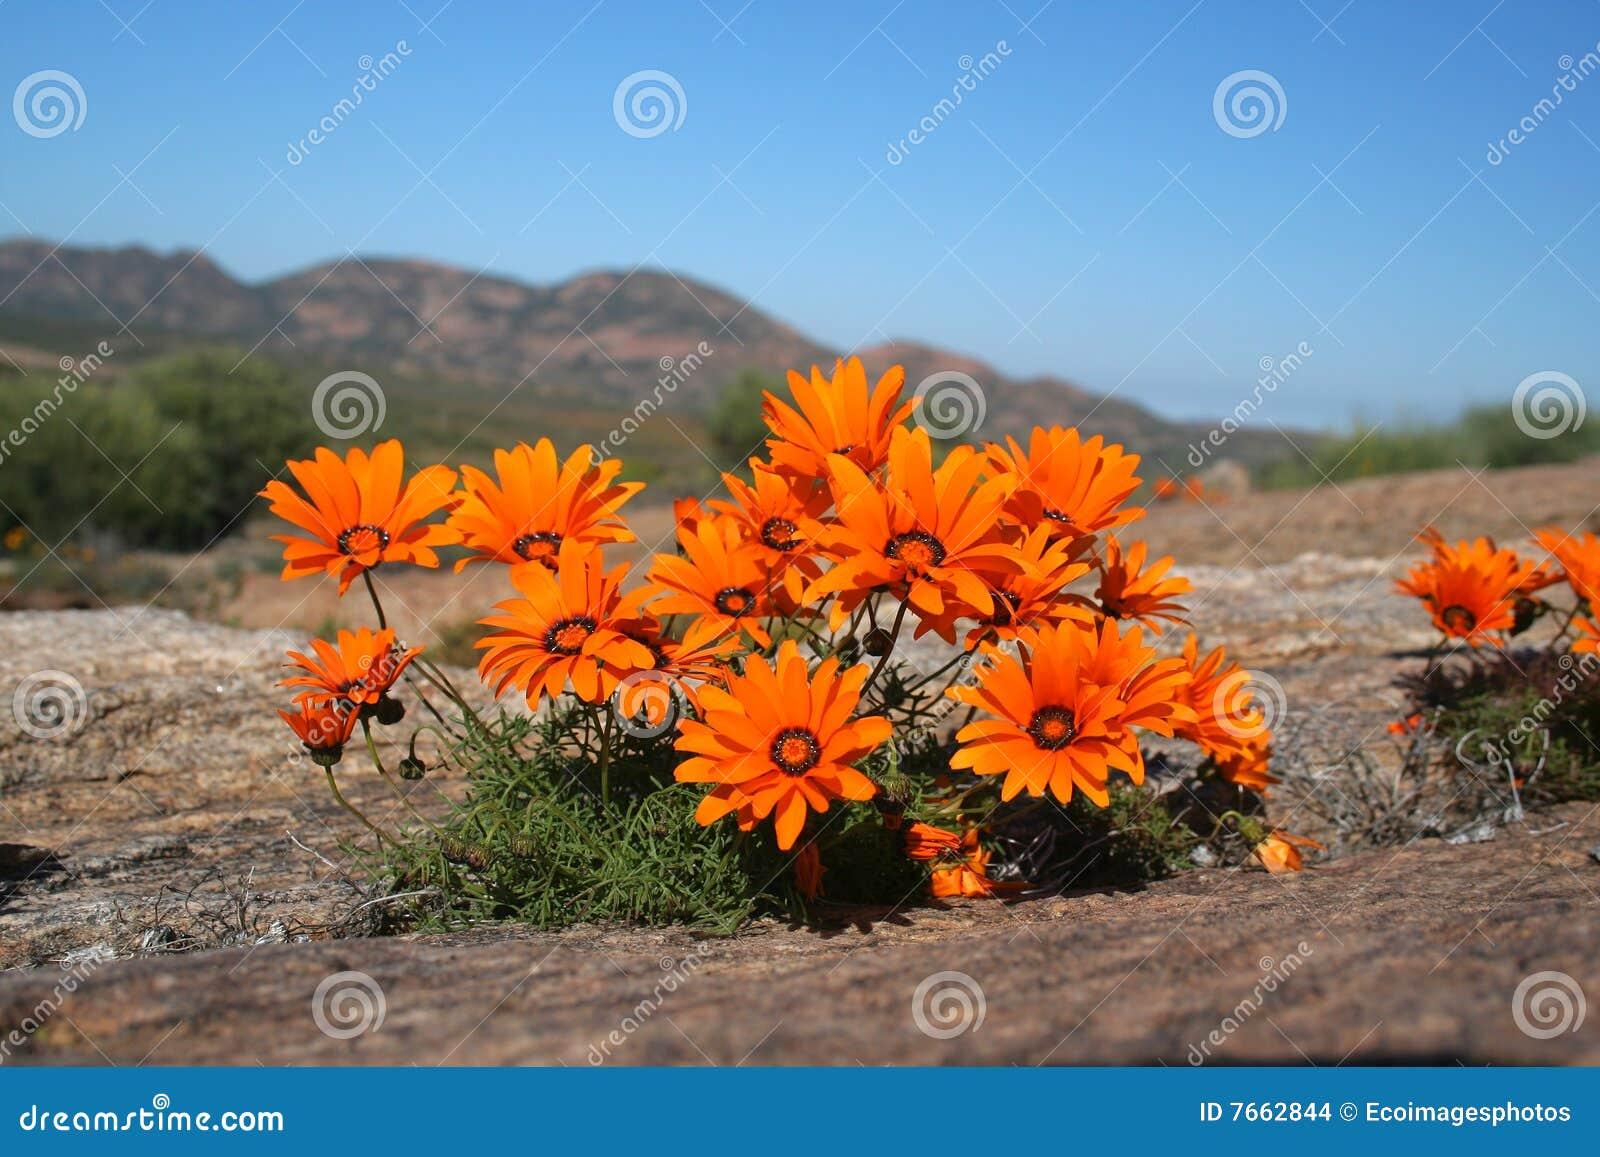 Fleurit sauvage orange